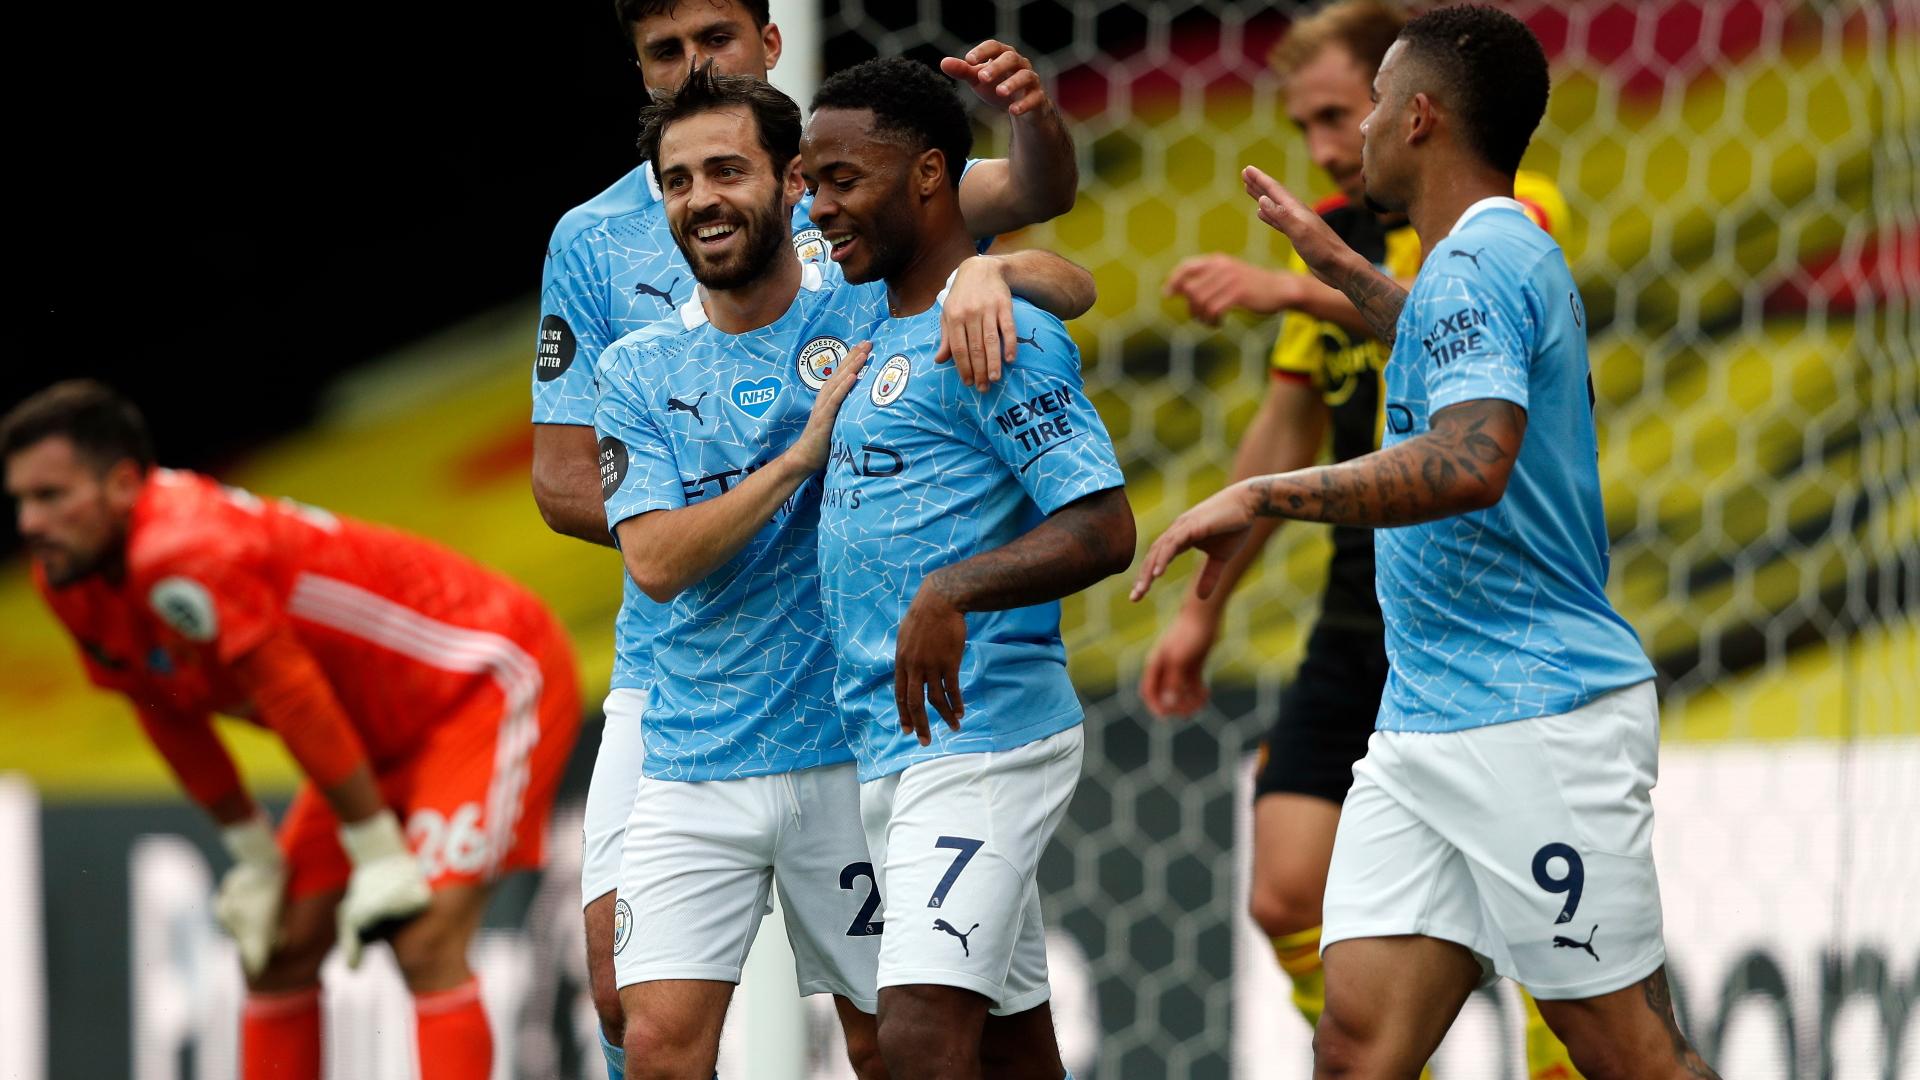 Watford - Manchester City 0-4, City s'impose avec un doublé de Sterling